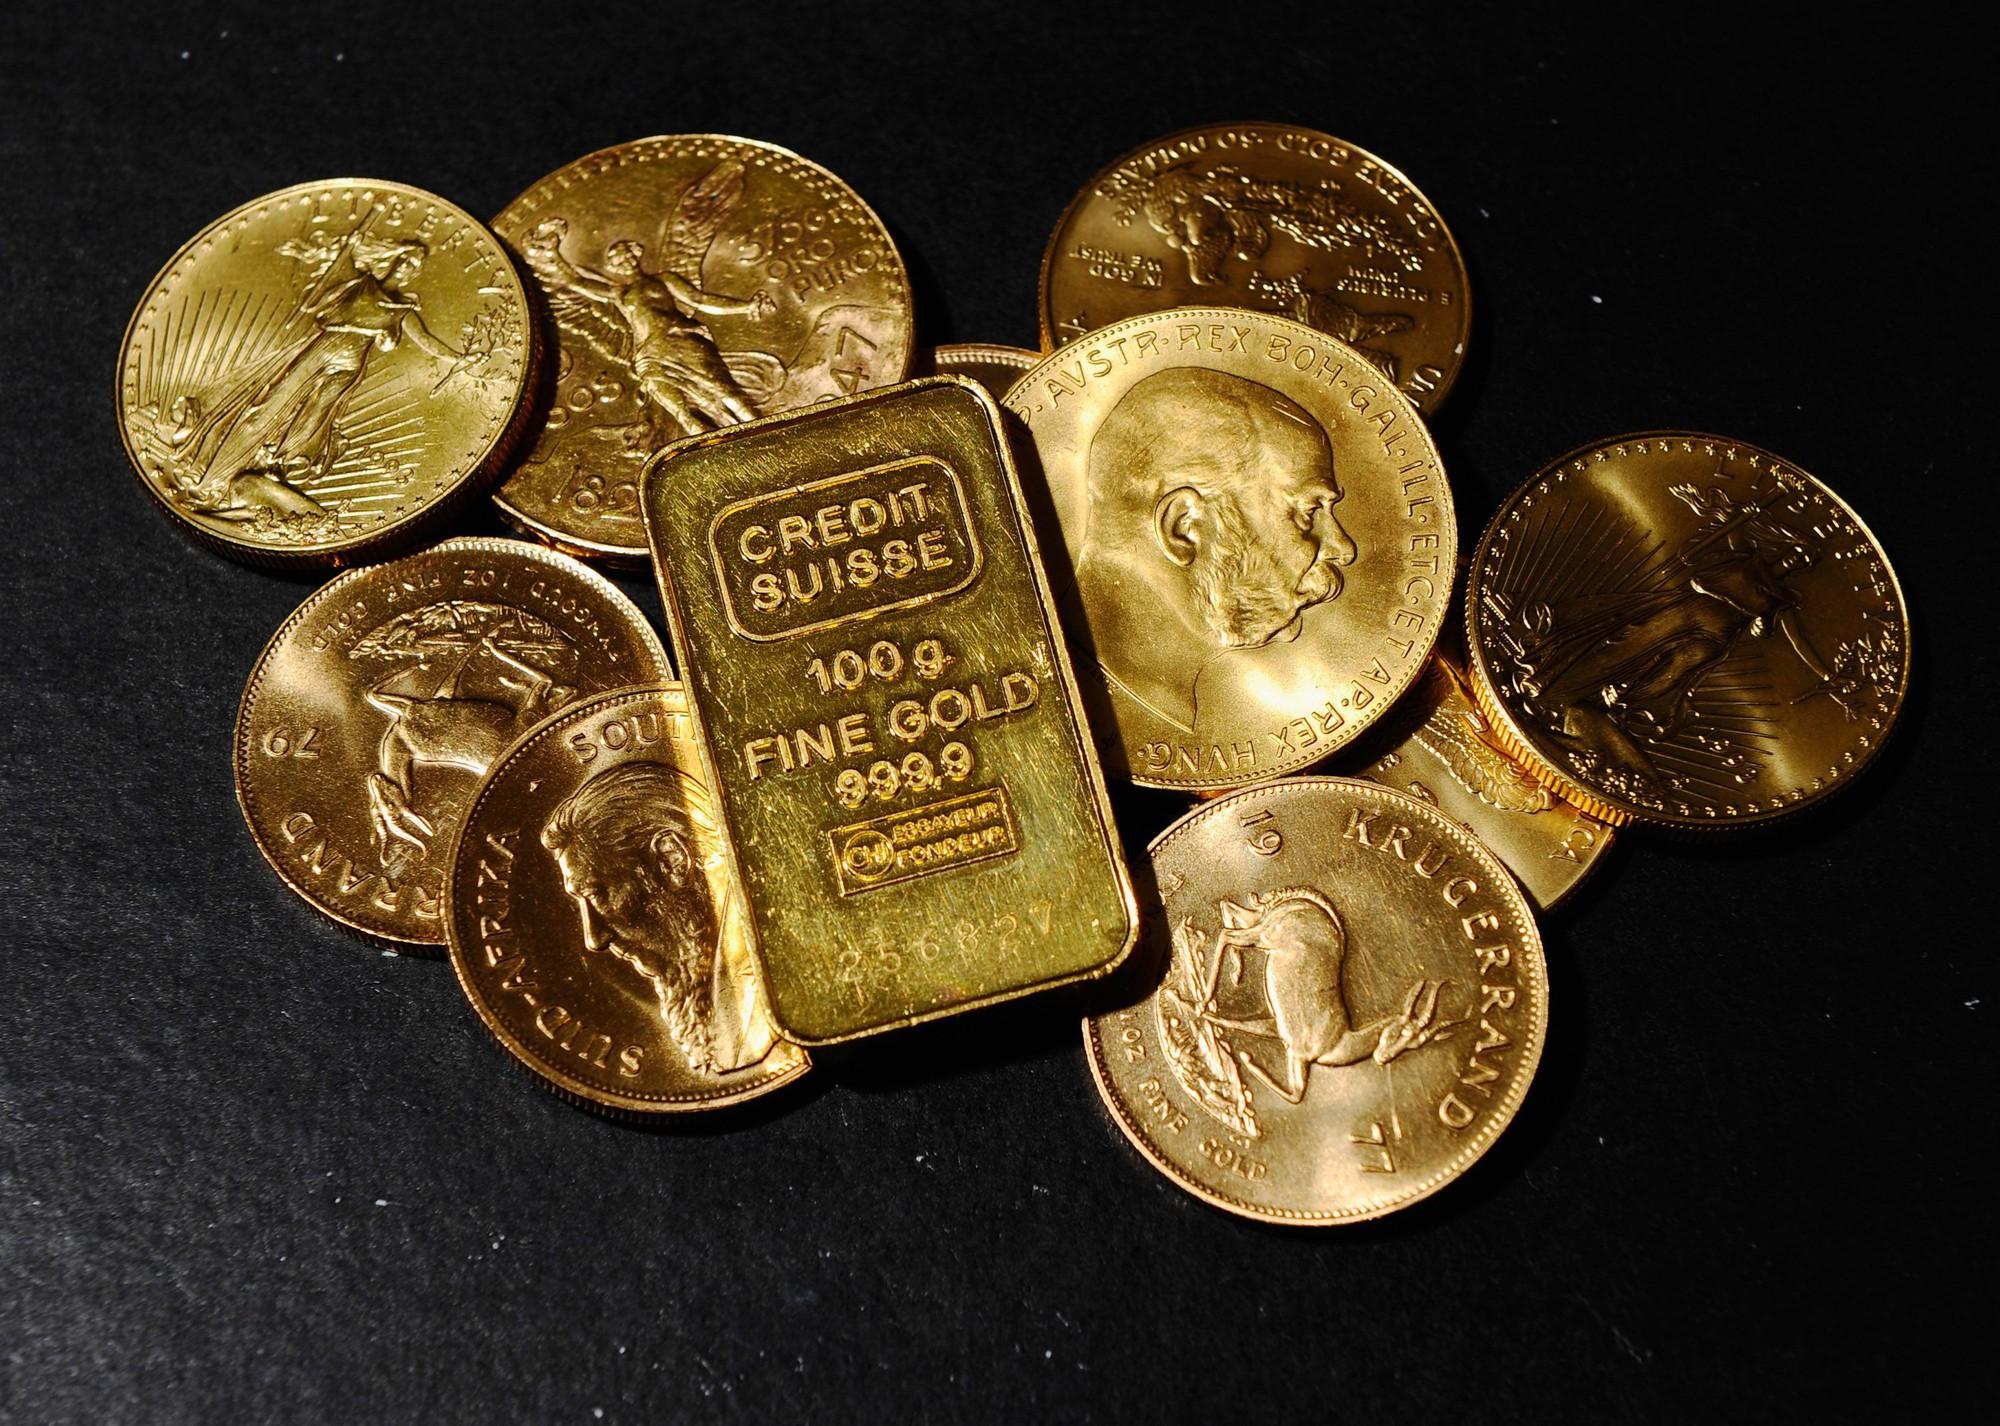 Giá vàng hôm nay 4/5: Chờ đợi các dữ liệu kinh tế quan trọng - Ảnh 1.